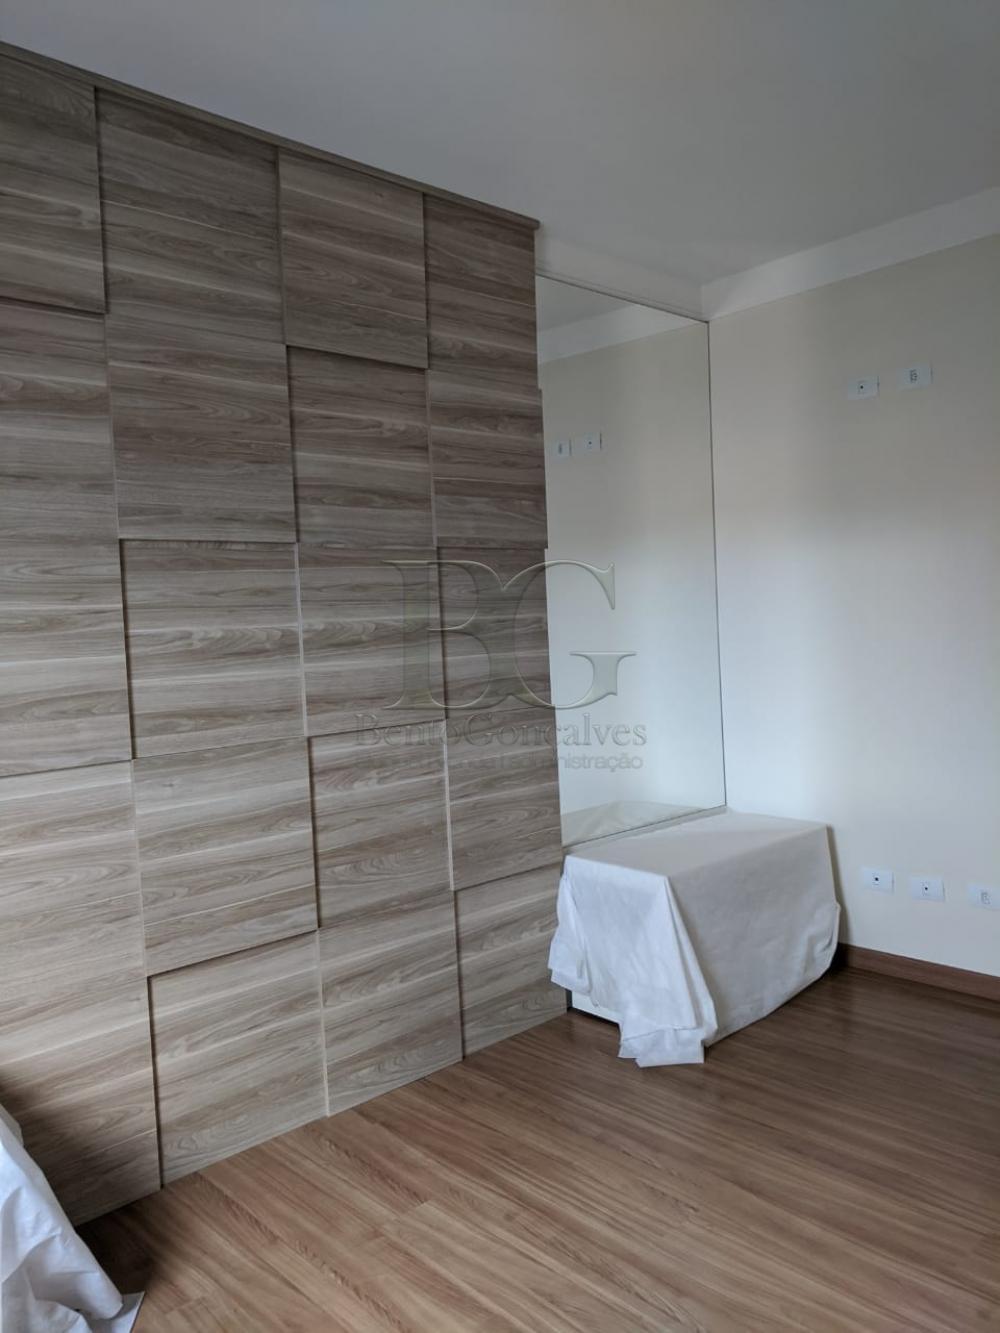 Comprar Apartamentos / Padrão em Poços de Caldas apenas R$ 670.000,00 - Foto 15